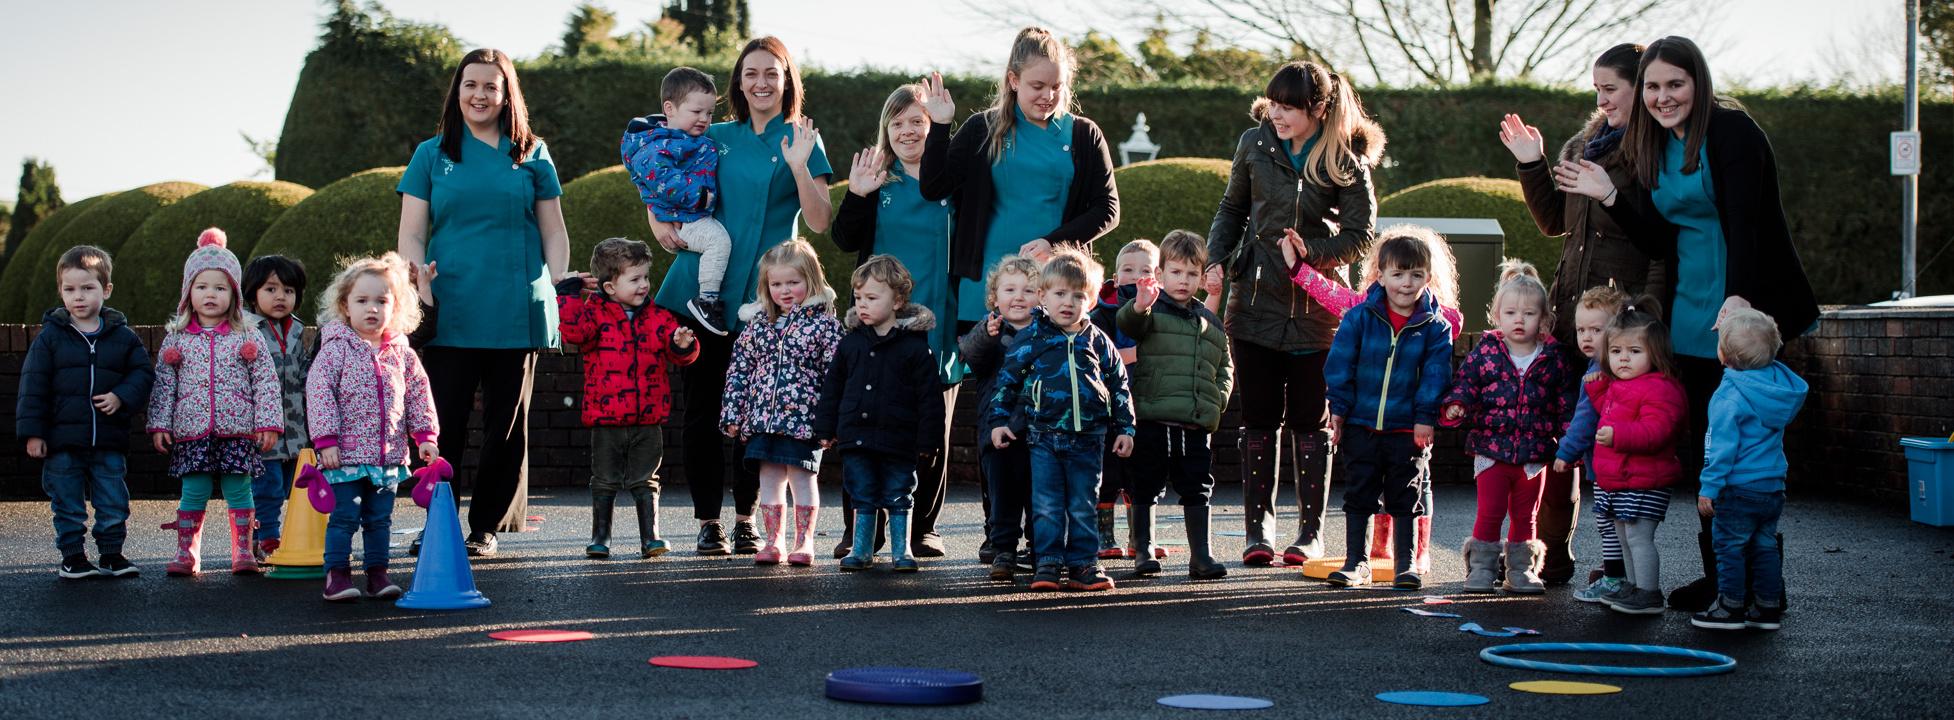 Y Cam Cynta Nursery children and staff in yard